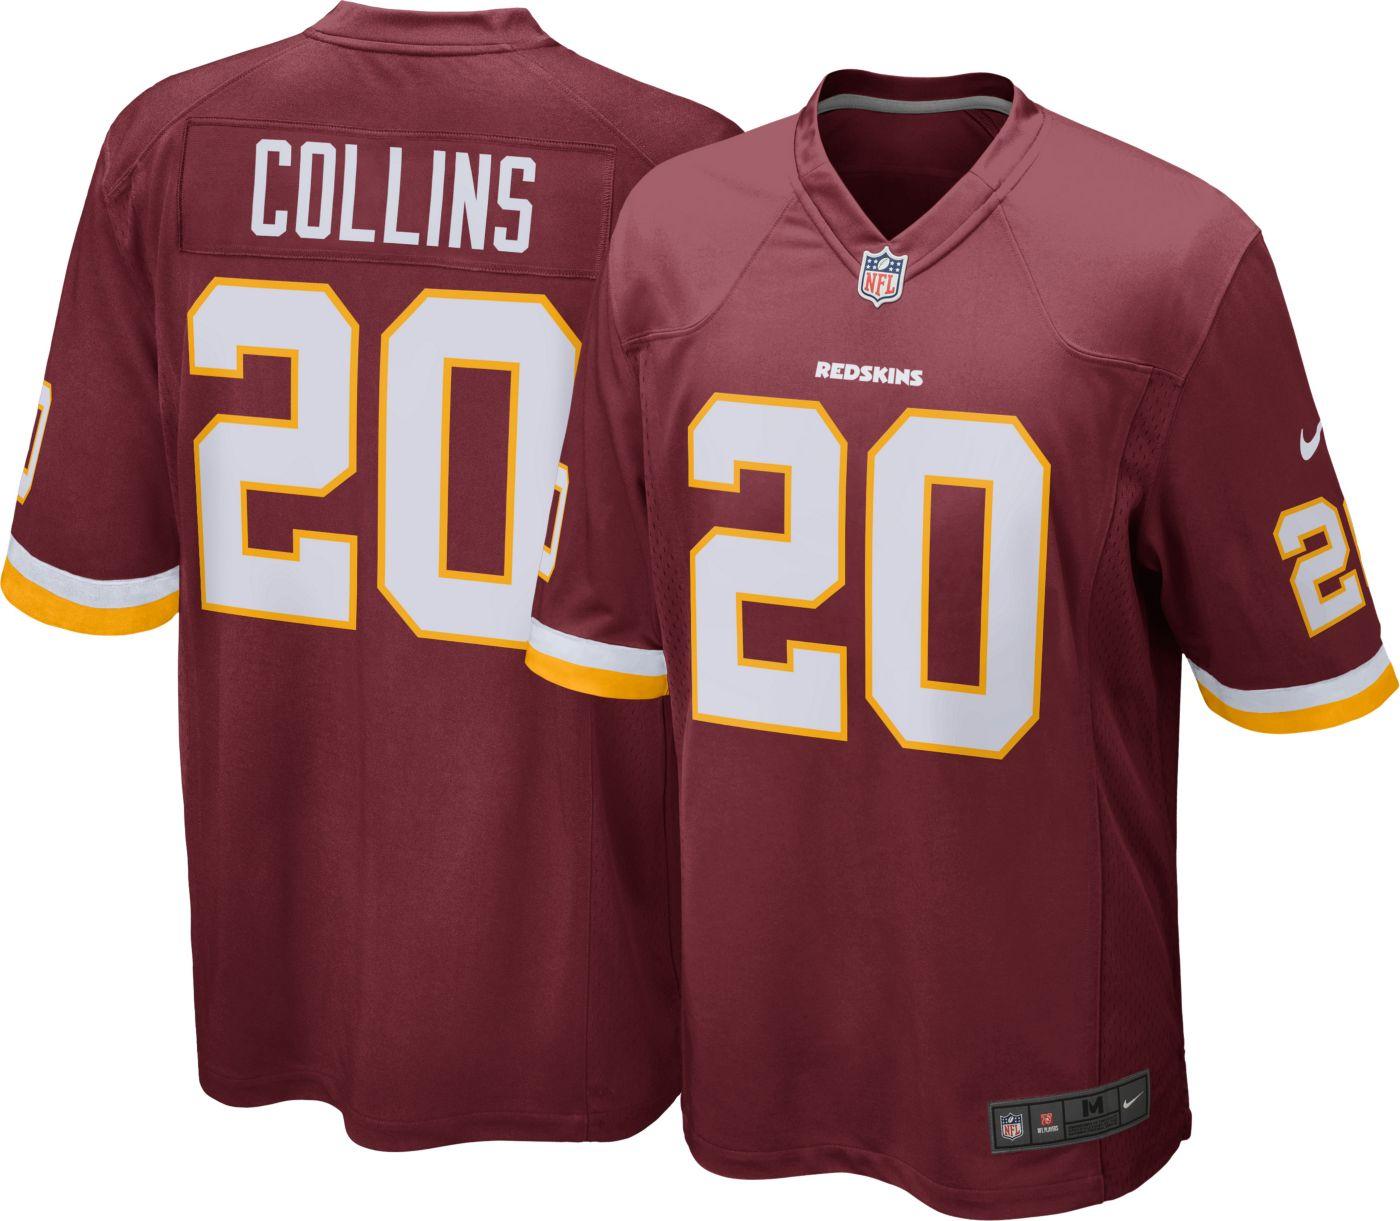 Nike Men's Home Game Jersey Washington Redskins Landon Collins #20